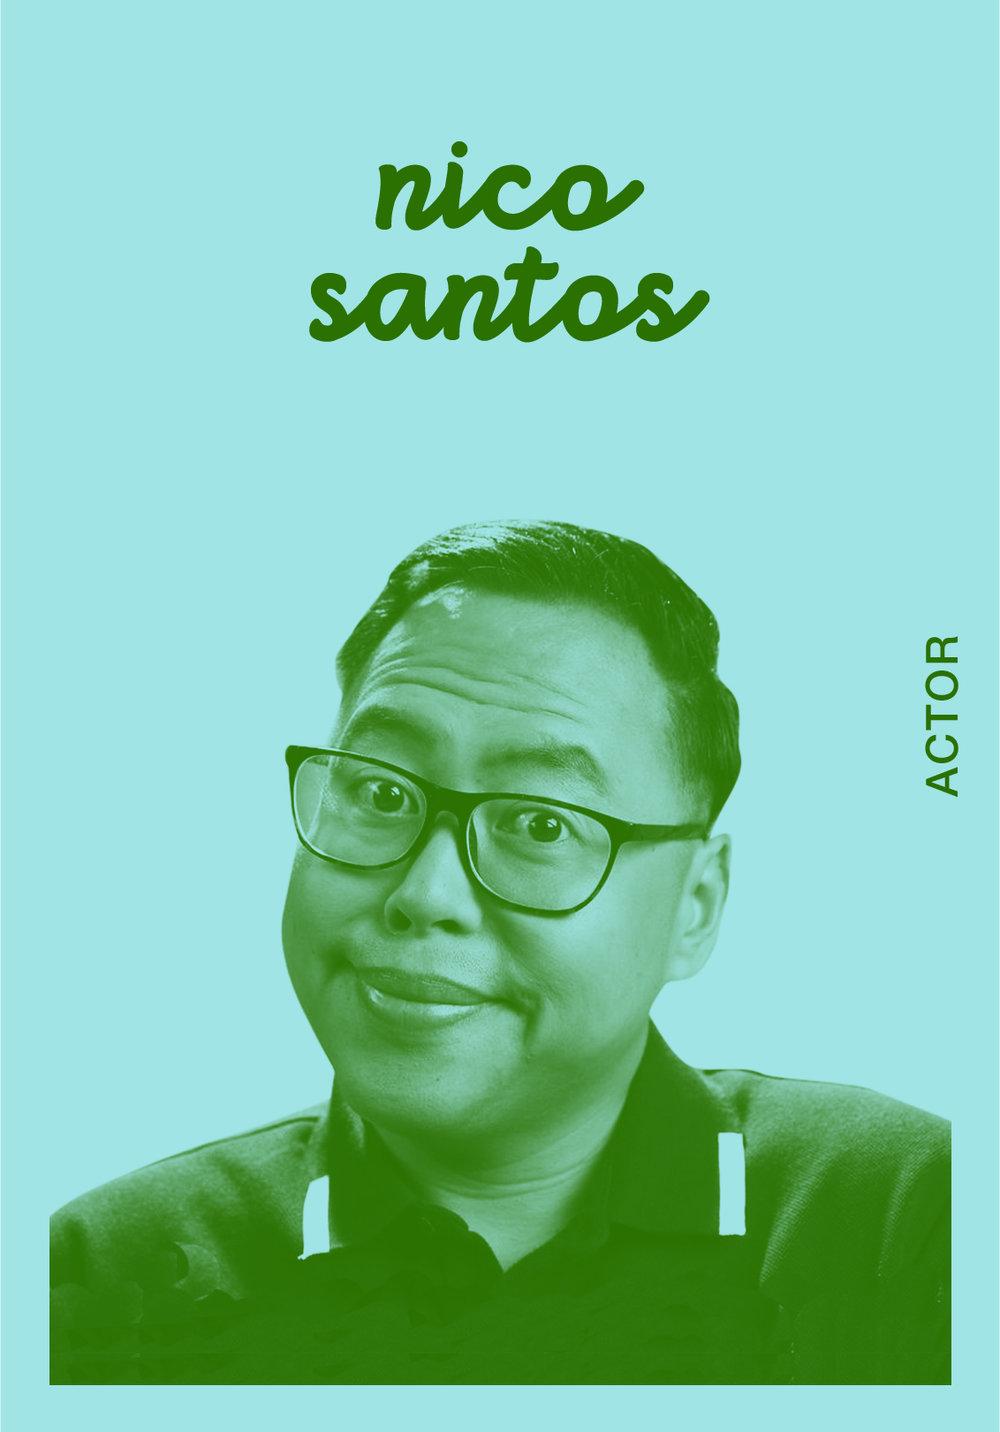 NICO SANTOS   @NICOSANTOS   IG: NICOSANTOS